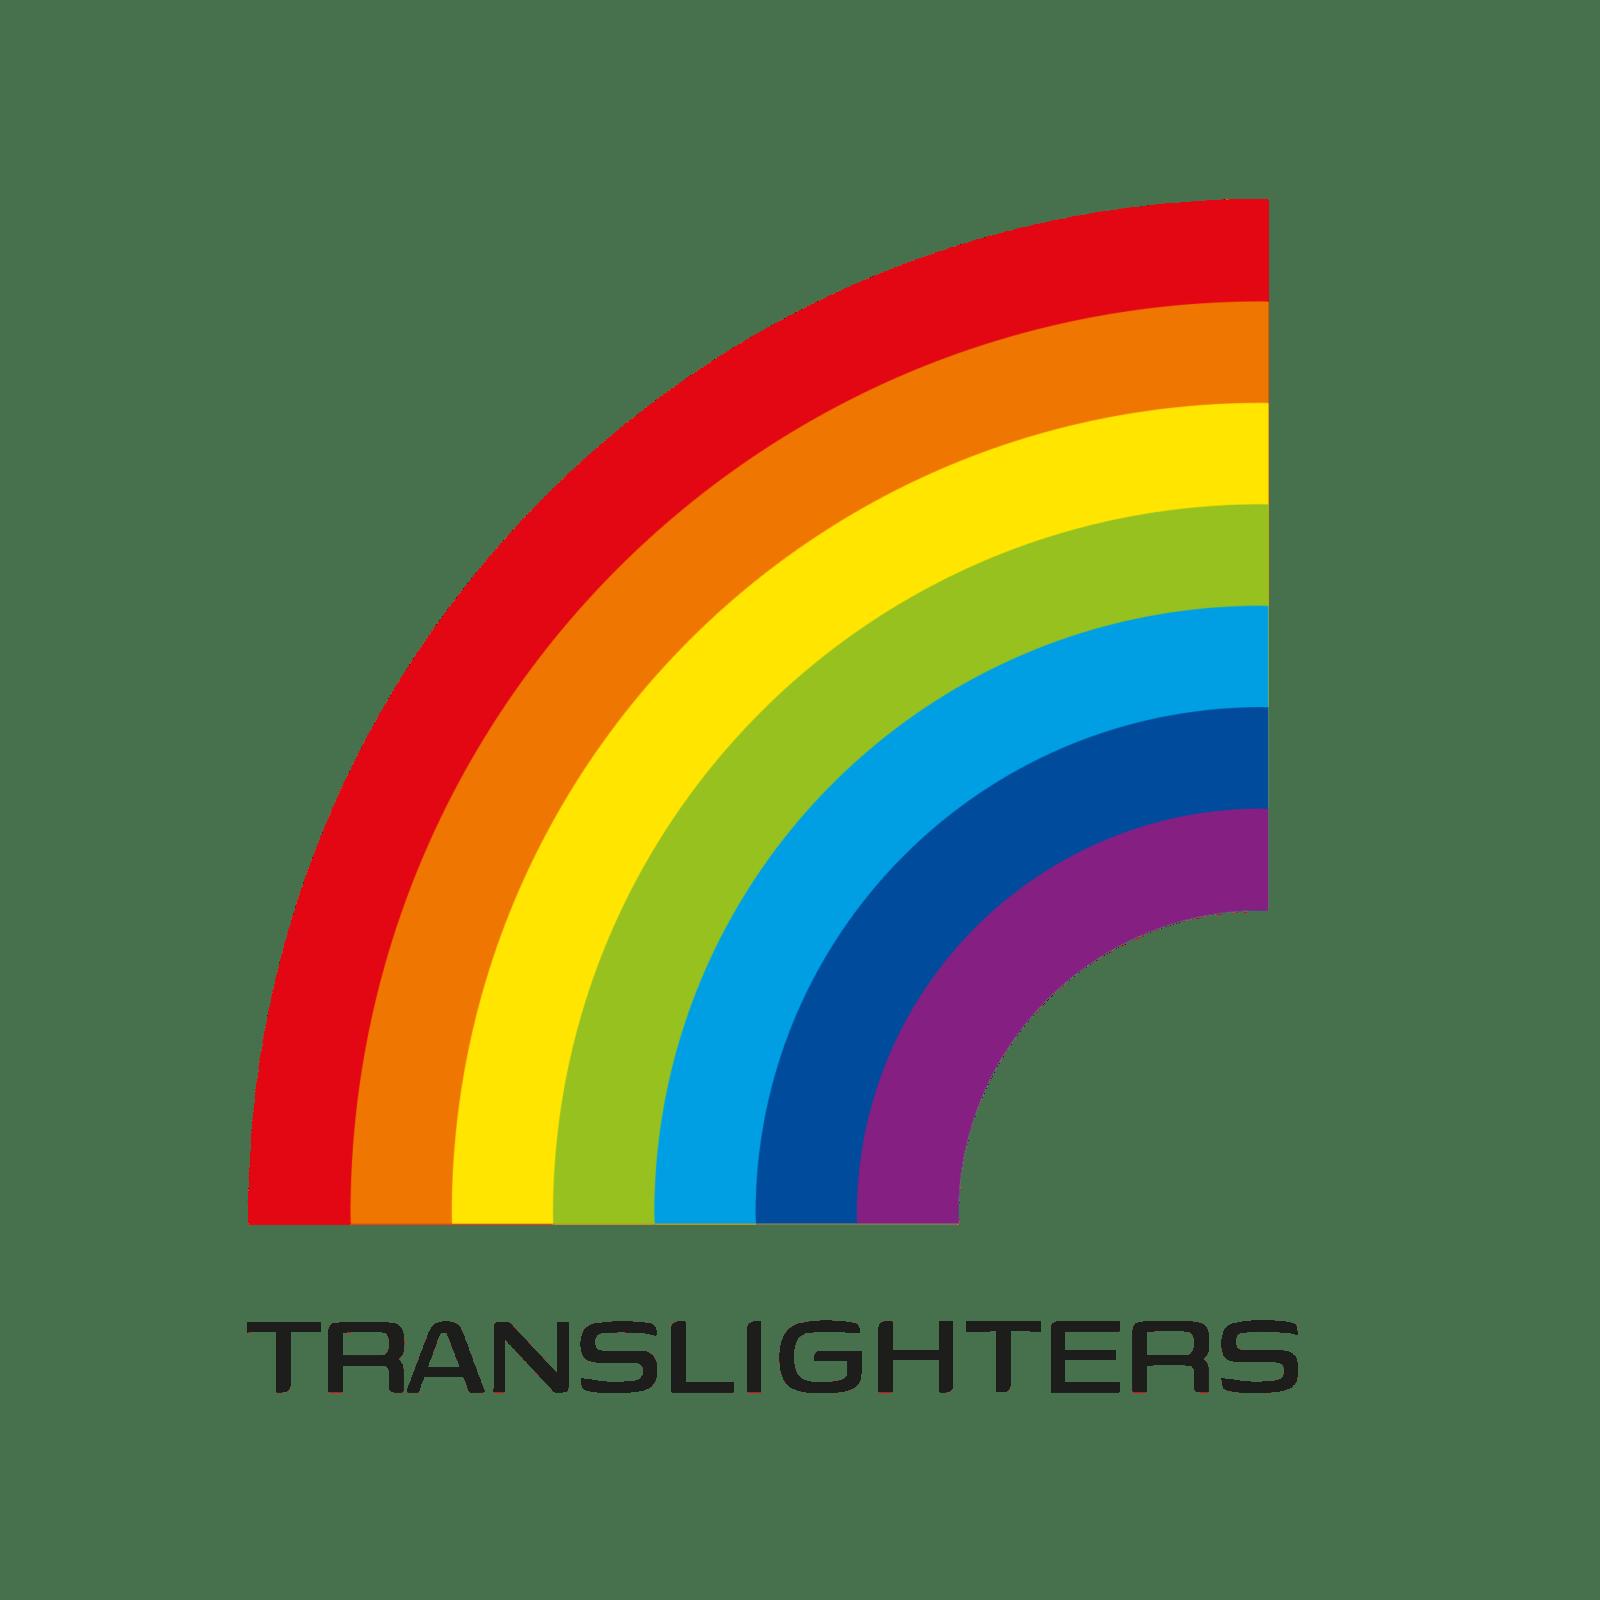 Translighters Digital